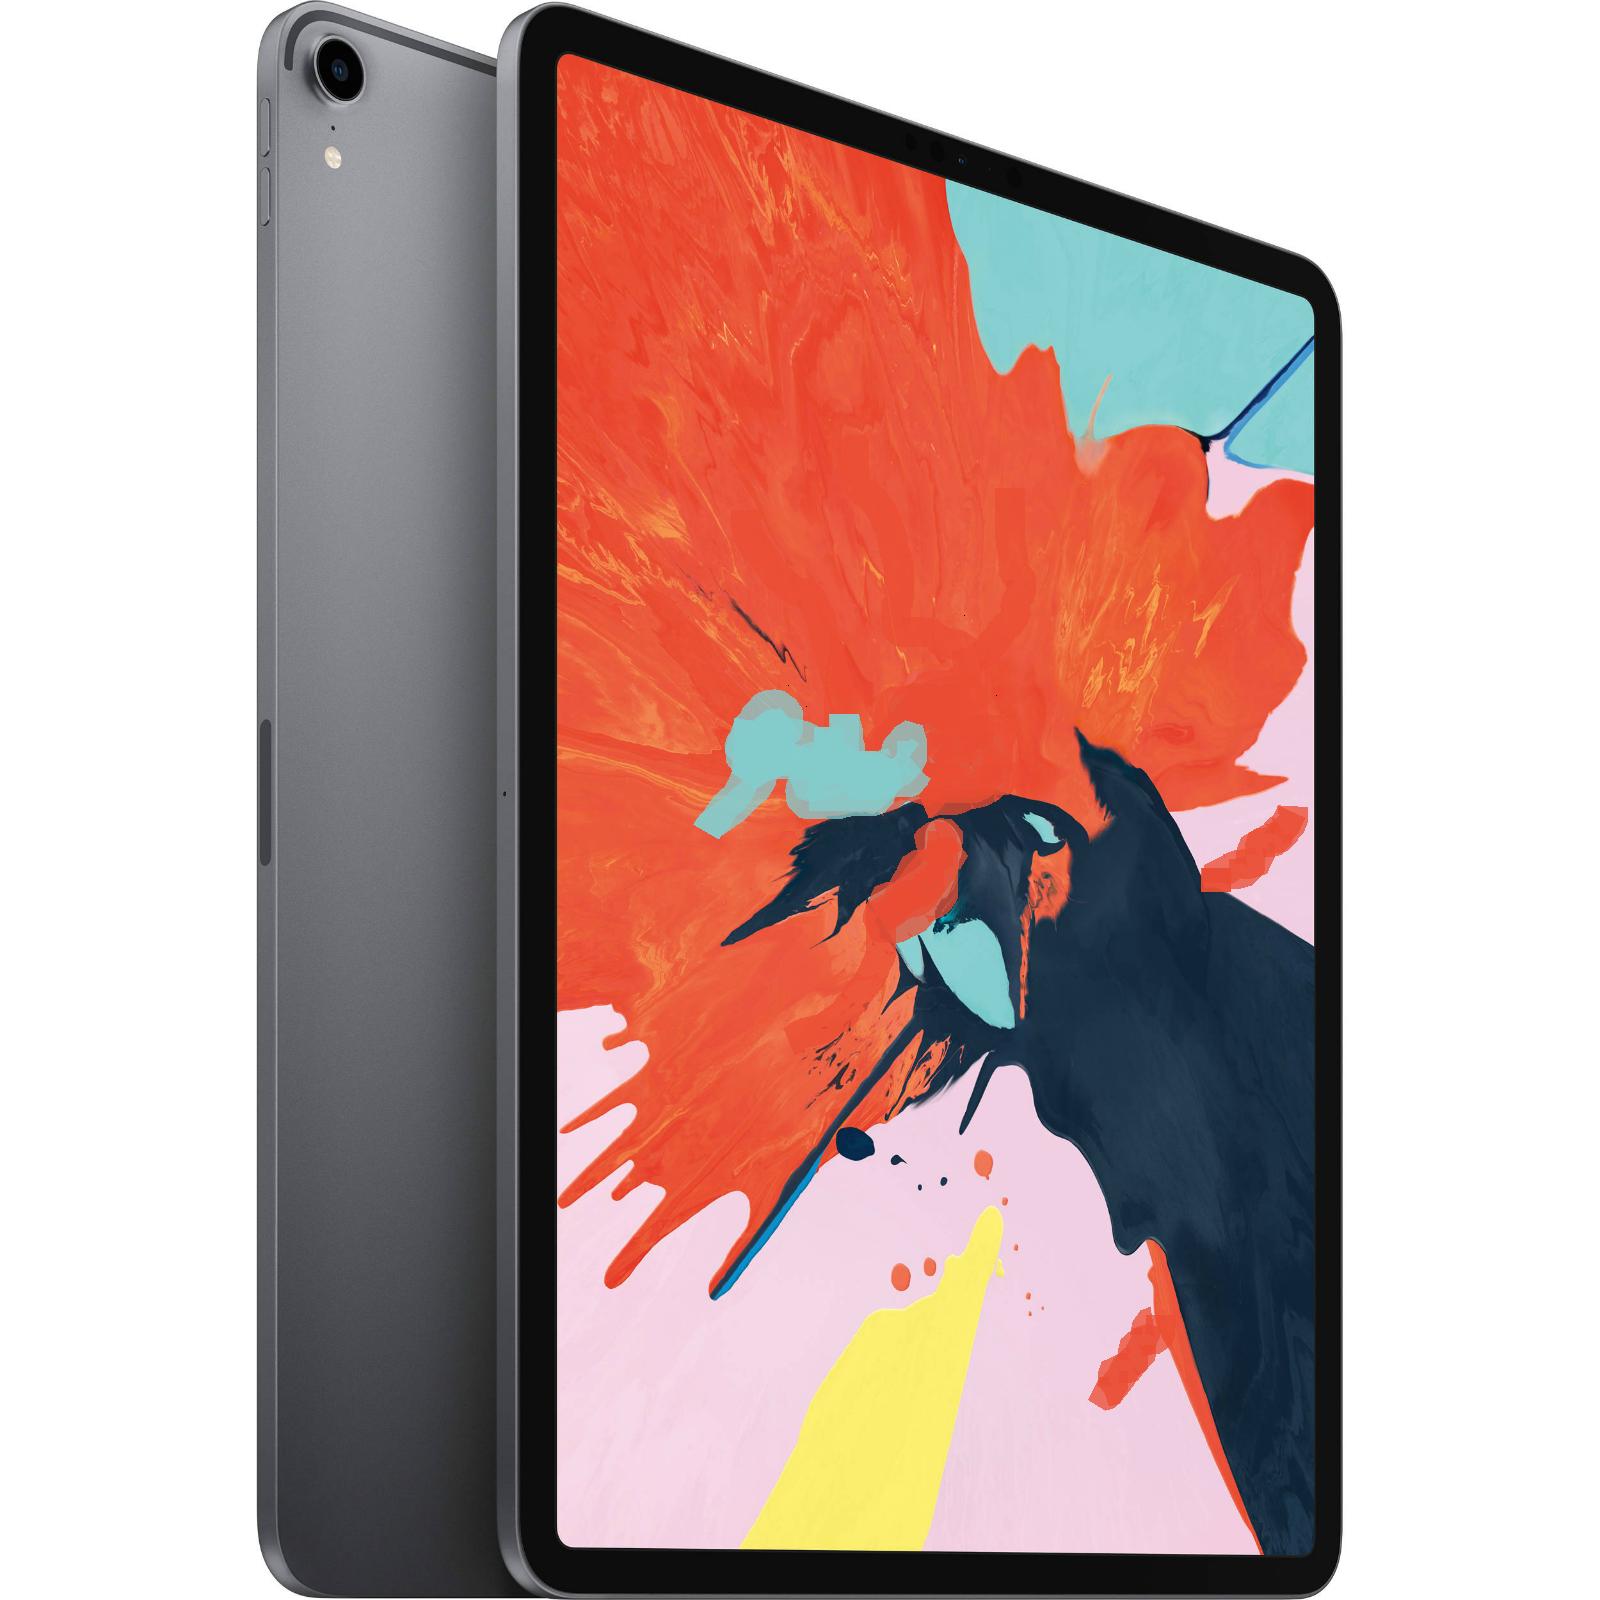 Apple Ipad Pro 12 9 Inch 3rd Gen 256gb Wi Fi Space Gray Mtfl2ll A 256gb 3rd Apple Gen Computers Tablets And Accessories New Apple Ipad Apple Ipad Pro